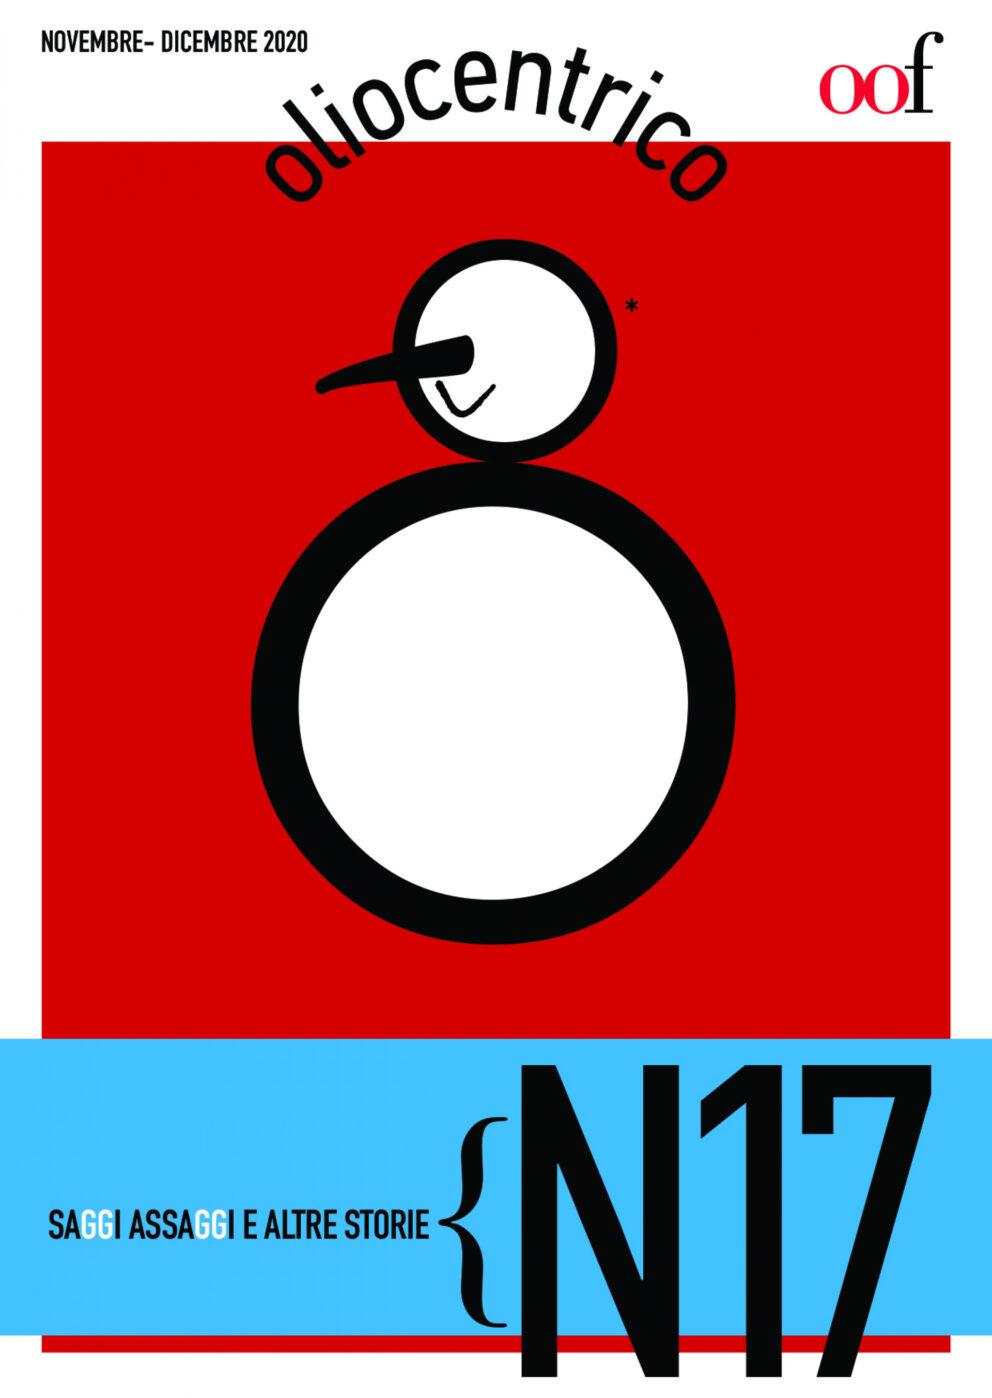 Oliocentrico N. 17